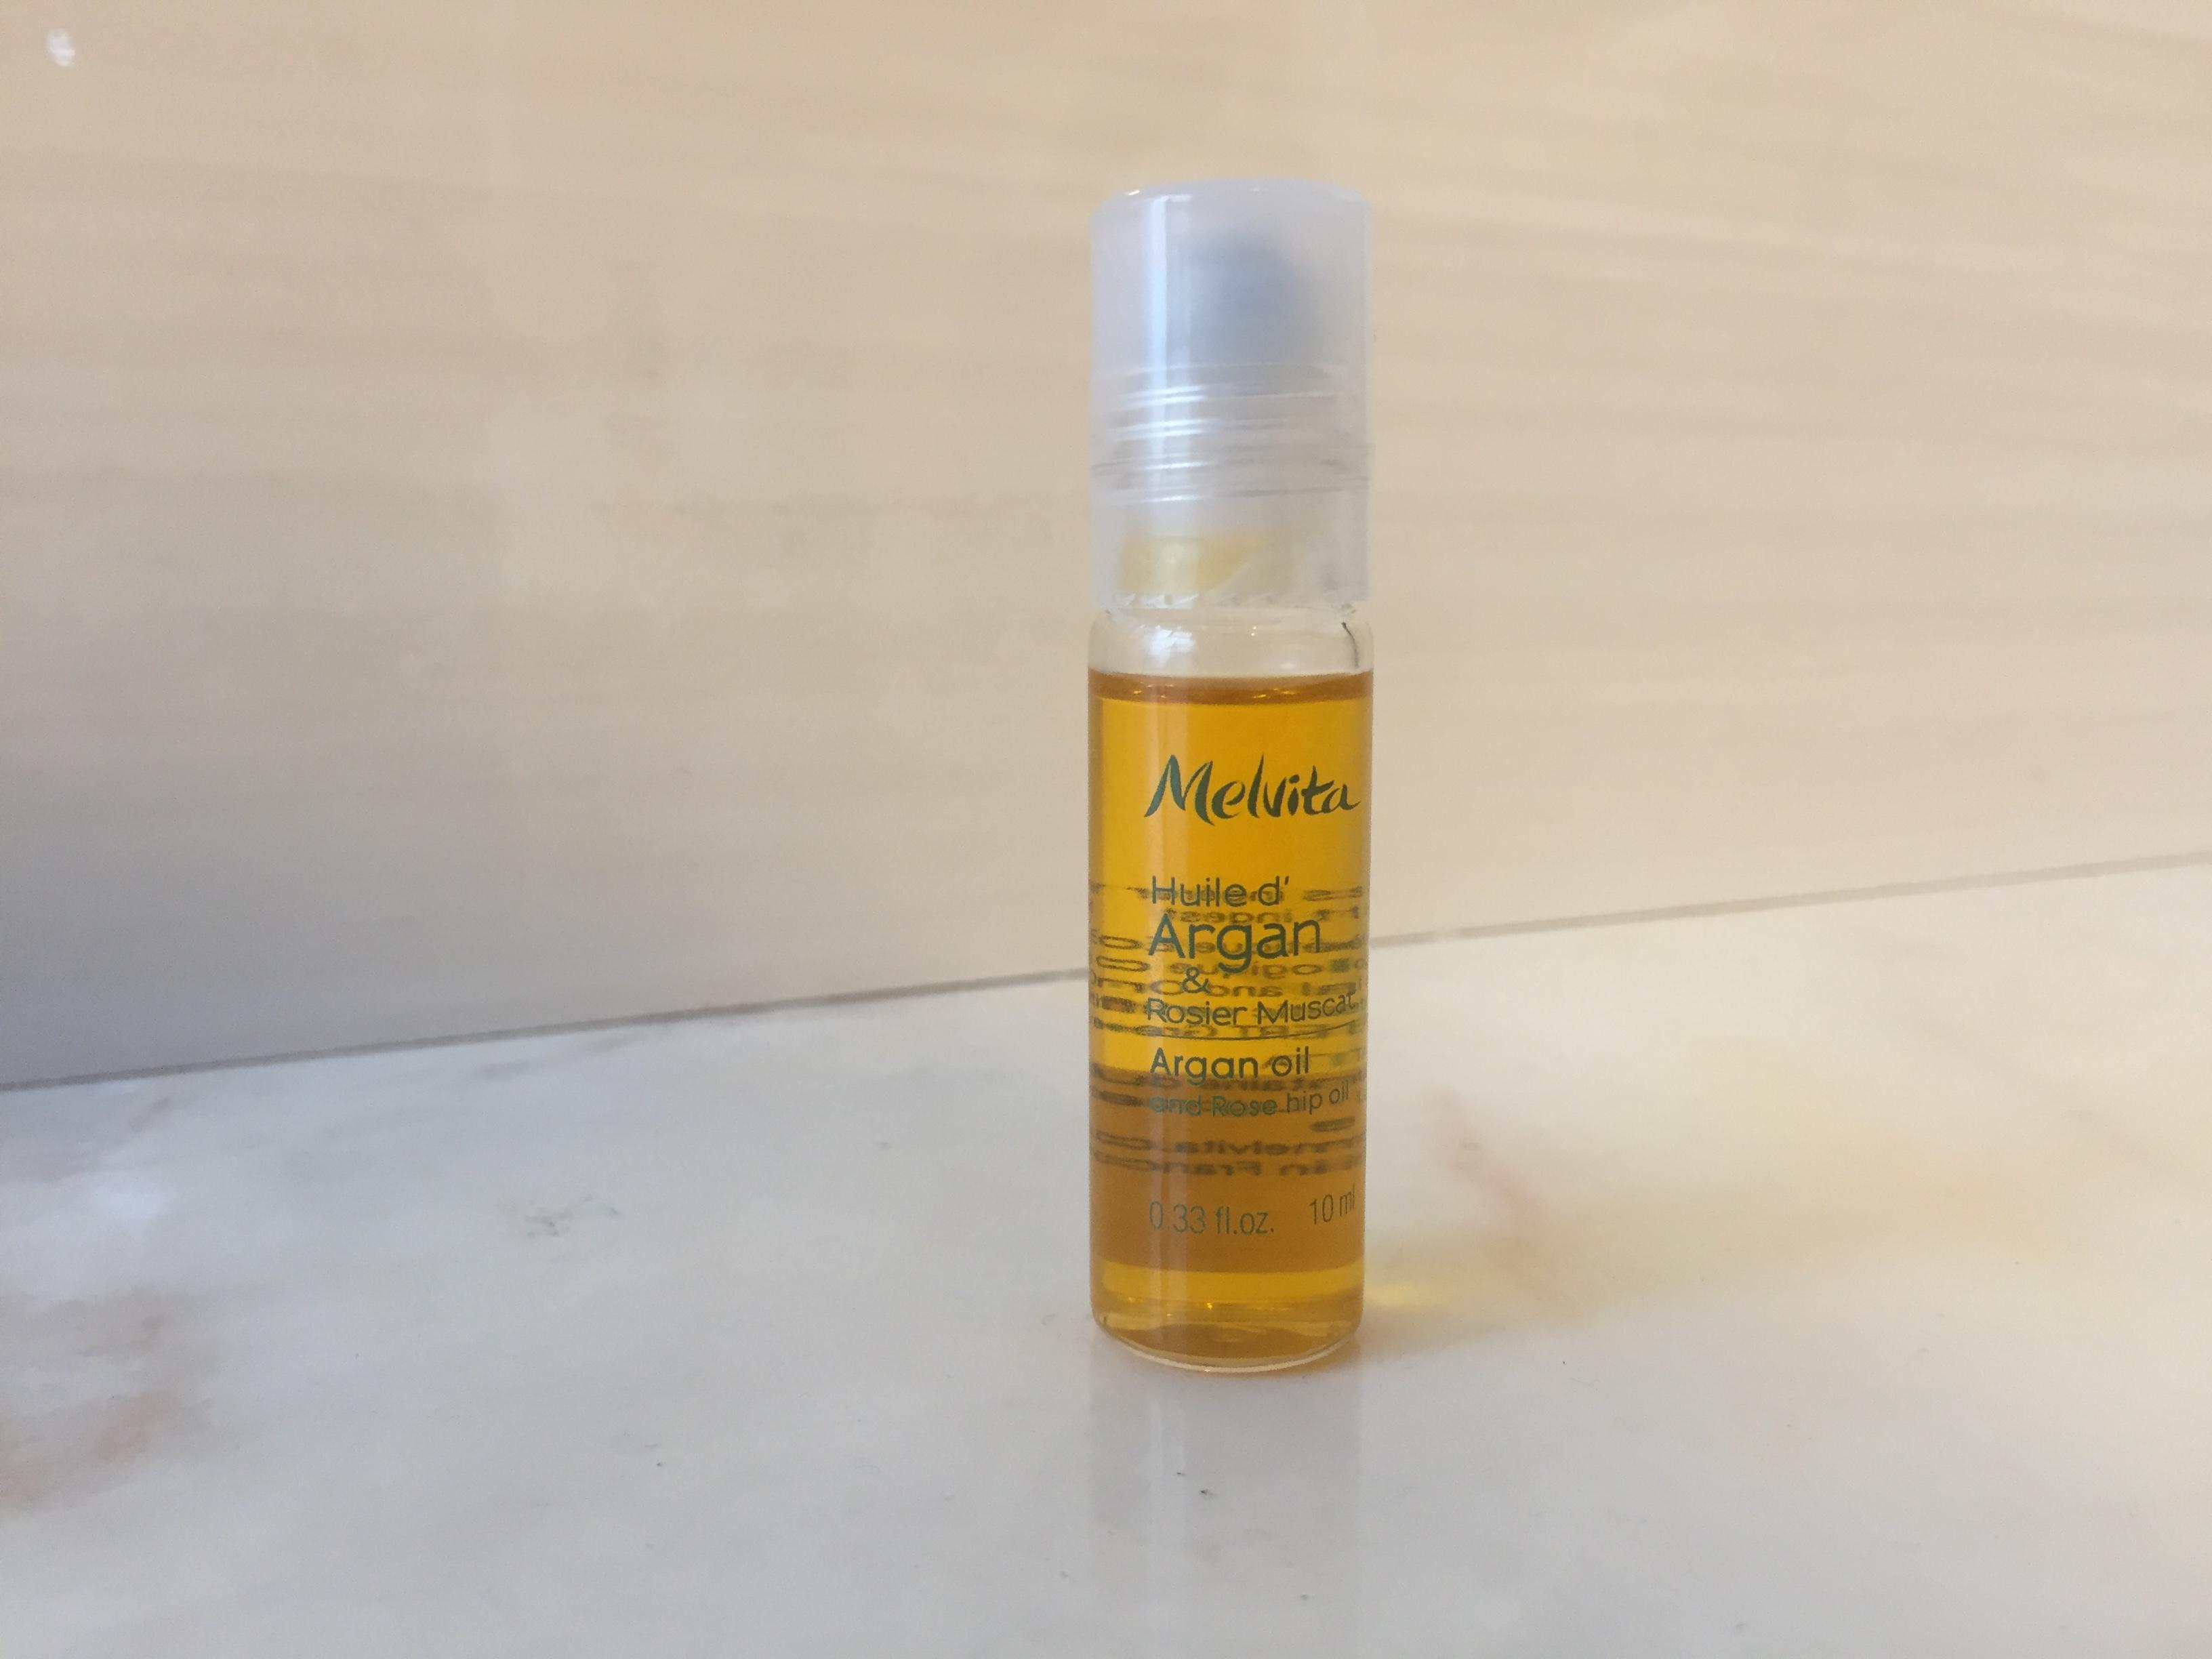 メルヴィータ/Melvitaはアルガンオイルで化粧水を肌がごくごく